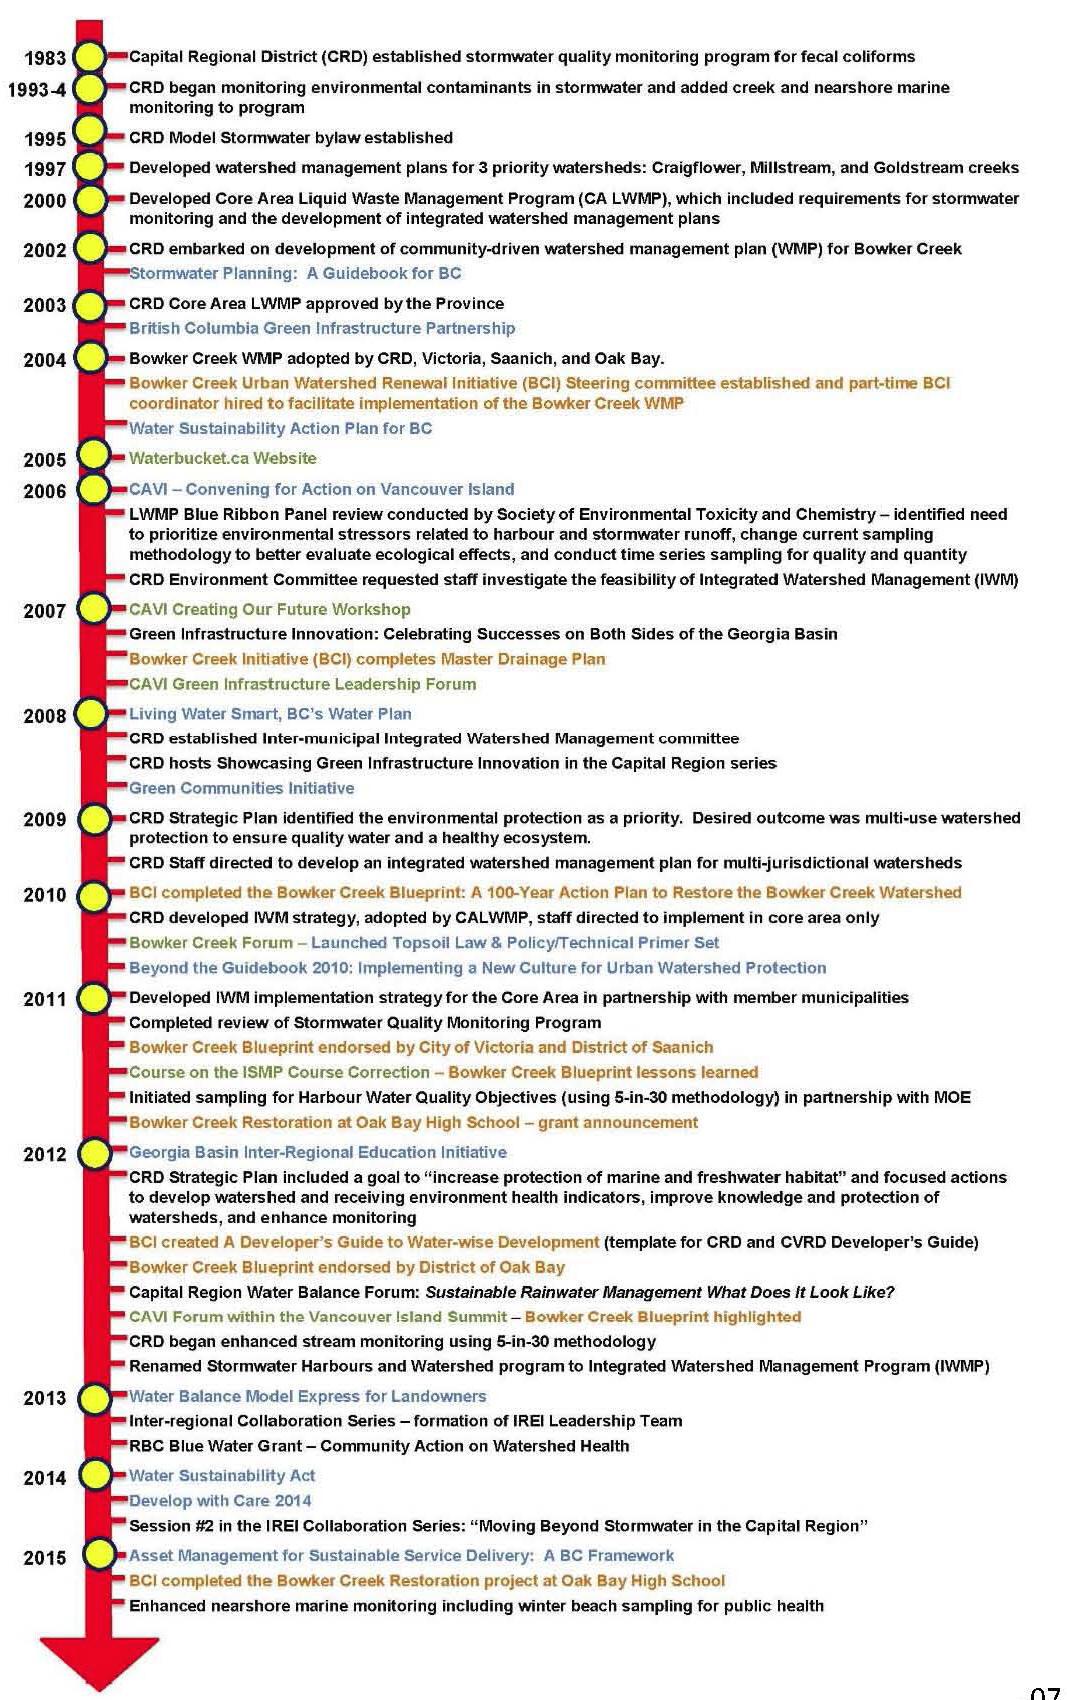 BYGB2015_Timeline_CRD_Oct2015